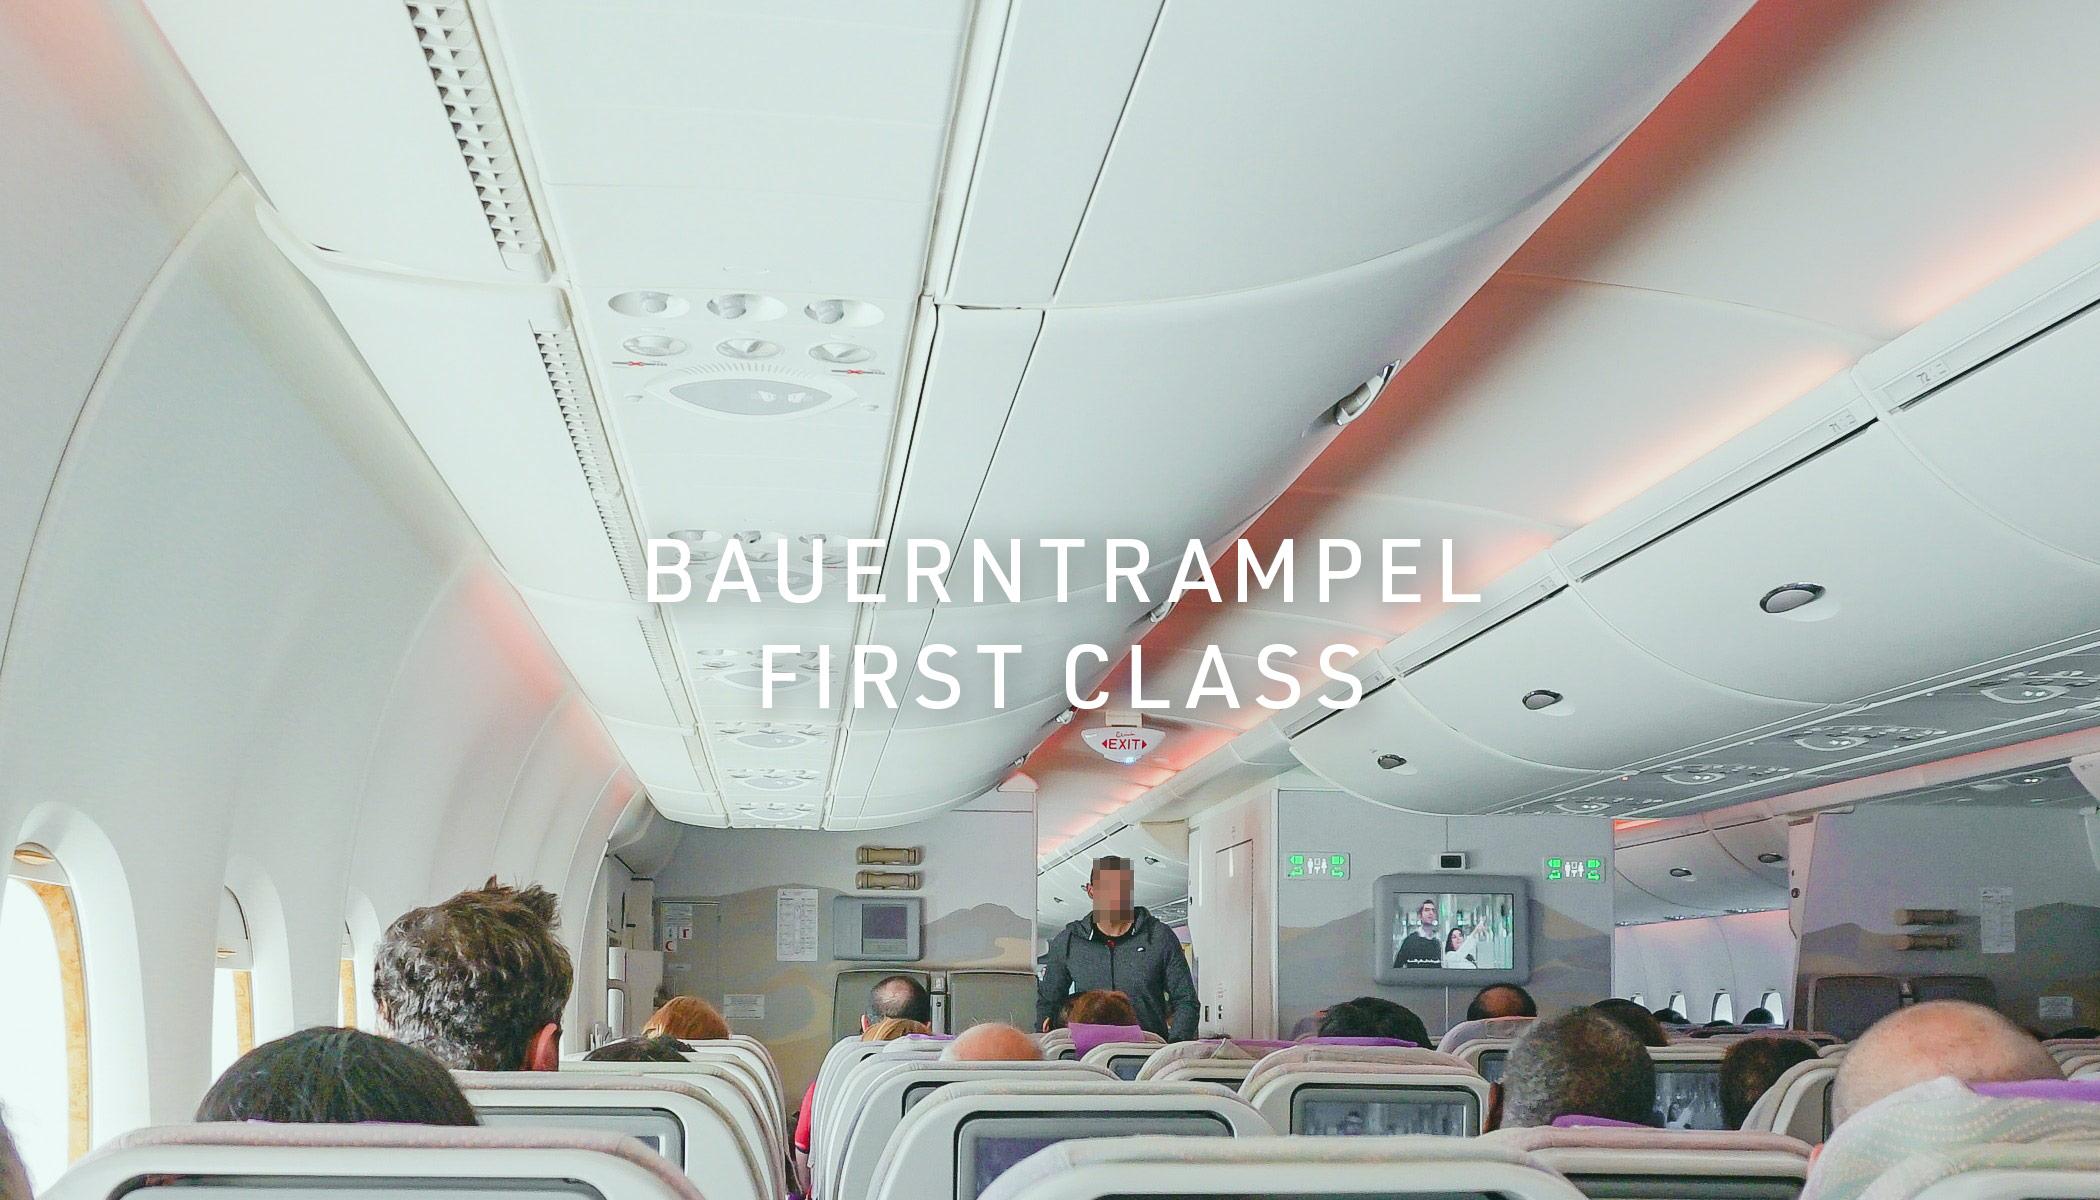 Reklamation Bauerntrampel First Class